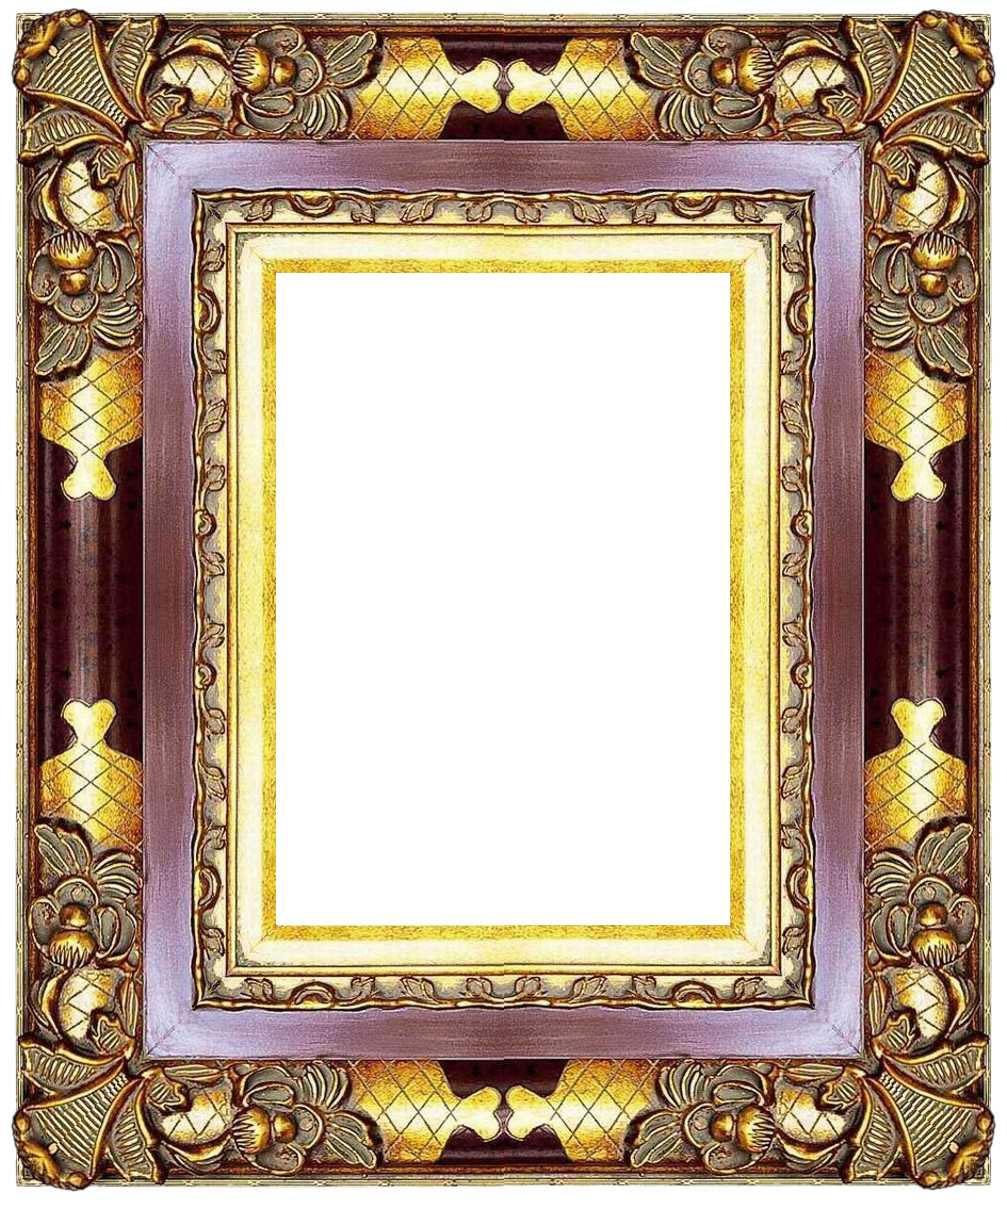 10 Free Digital Photo Frames Images